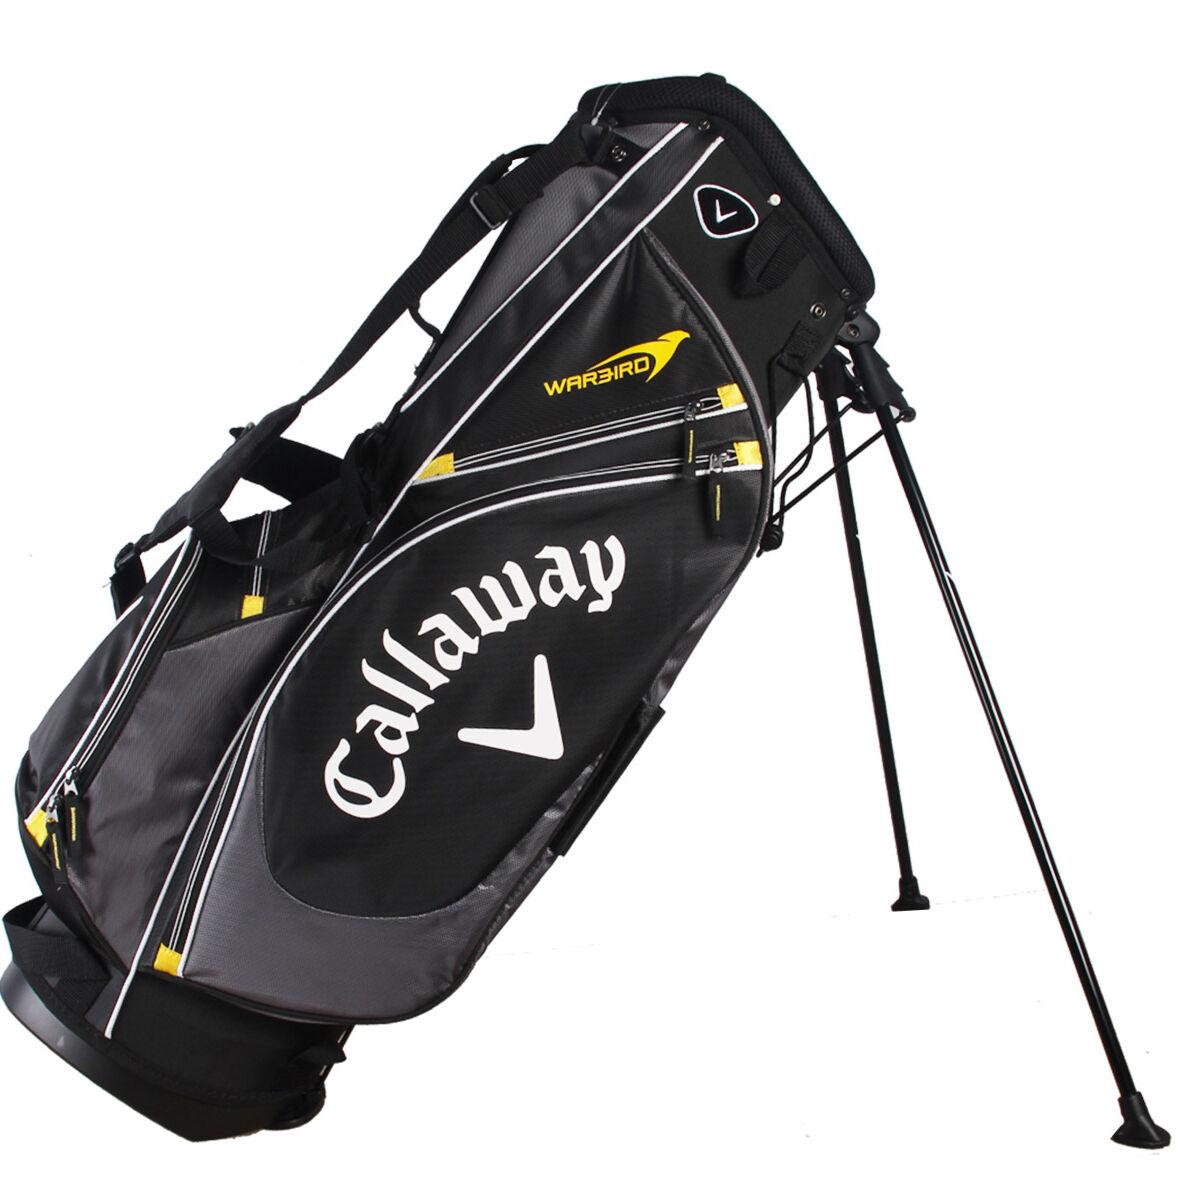 Callaway Golf Charcoal Black Lightweight Warbird Golf Stand Bag, One size   American Golf